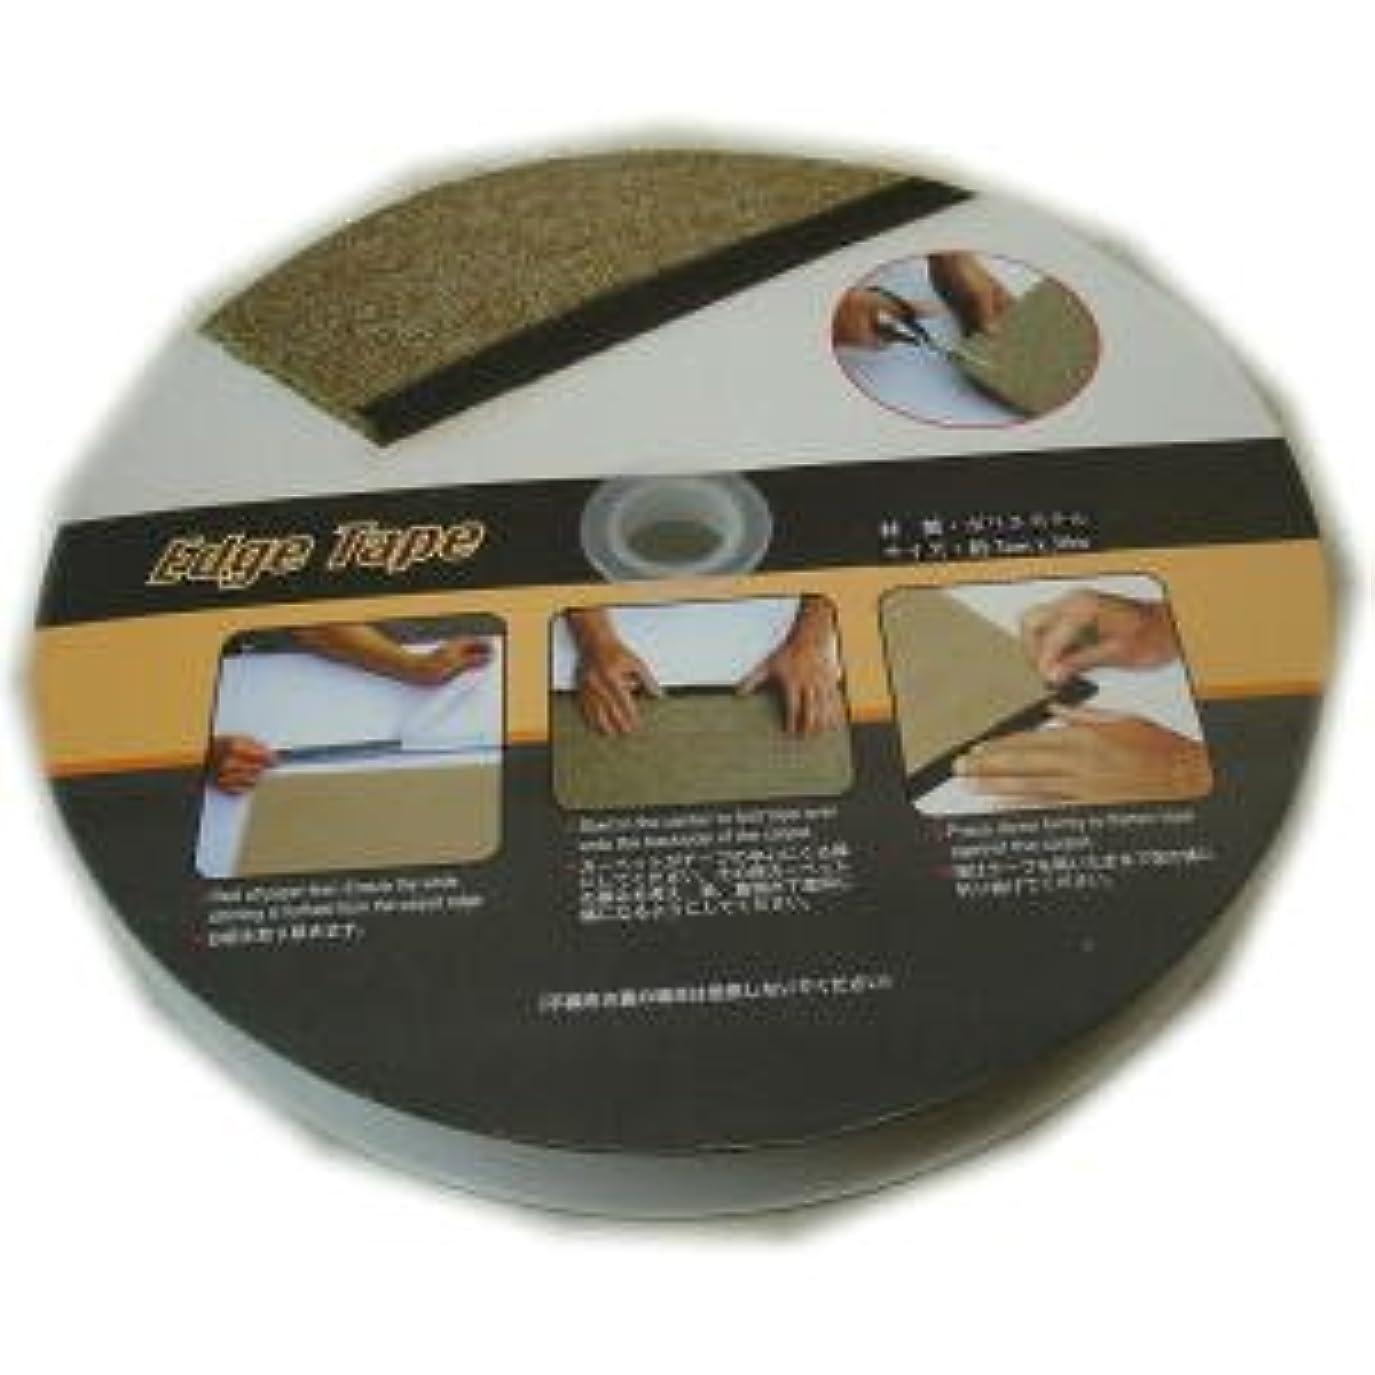 喉頭滑る差別エッジテープ カーペット補修用縁 ブラウン 30m